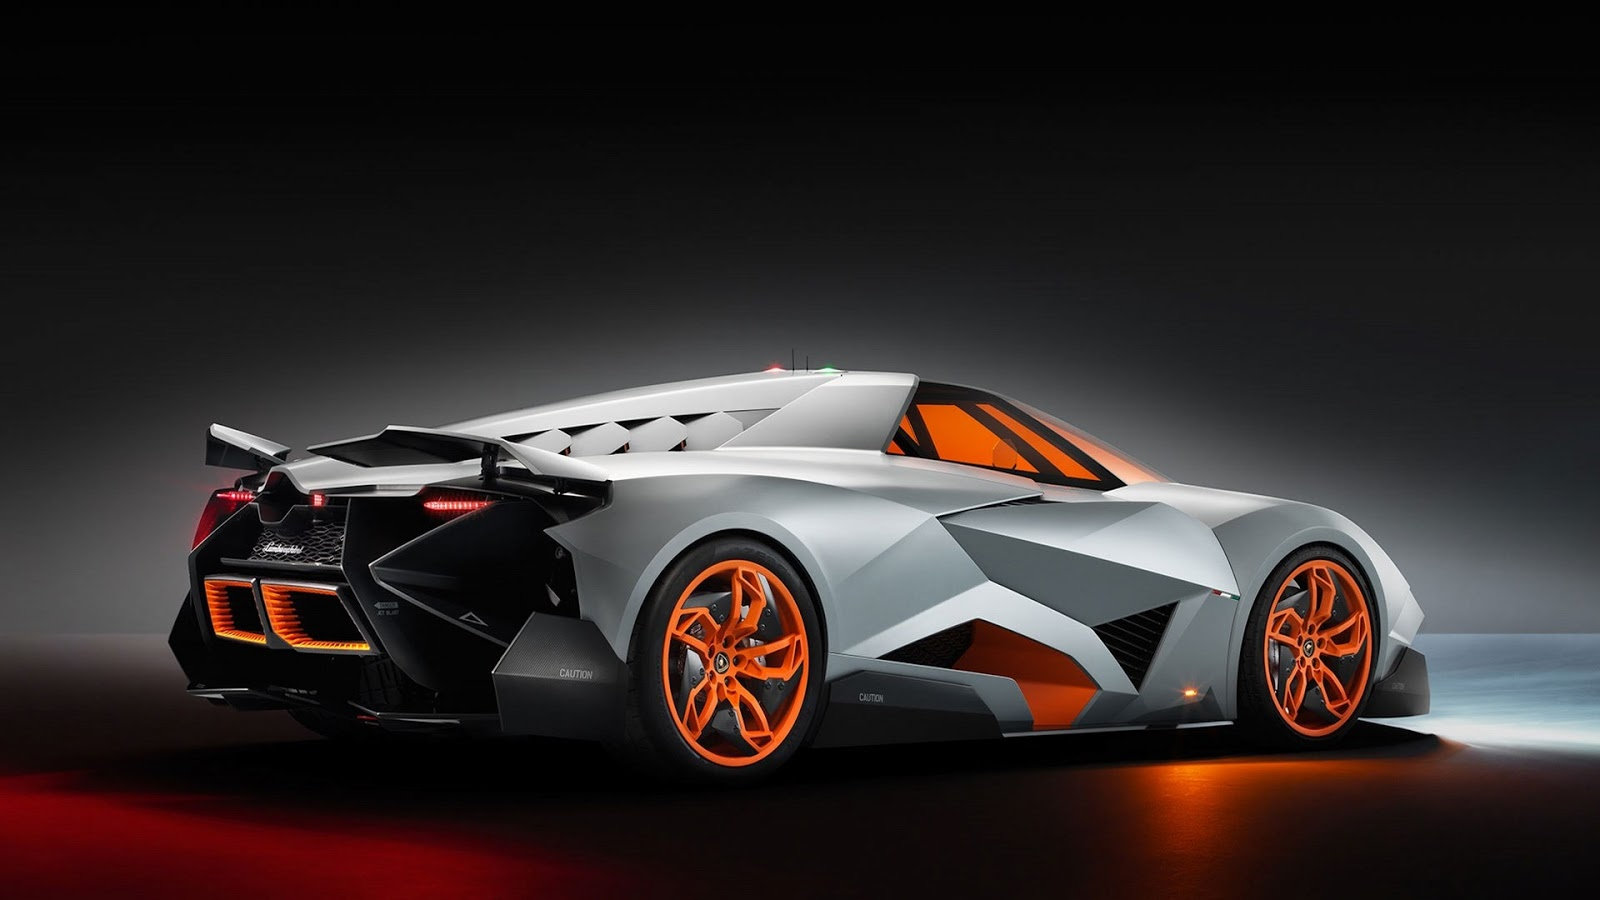 Lamborghini Egoista HD 1080p Resim Hd Wallpapers 1600x900